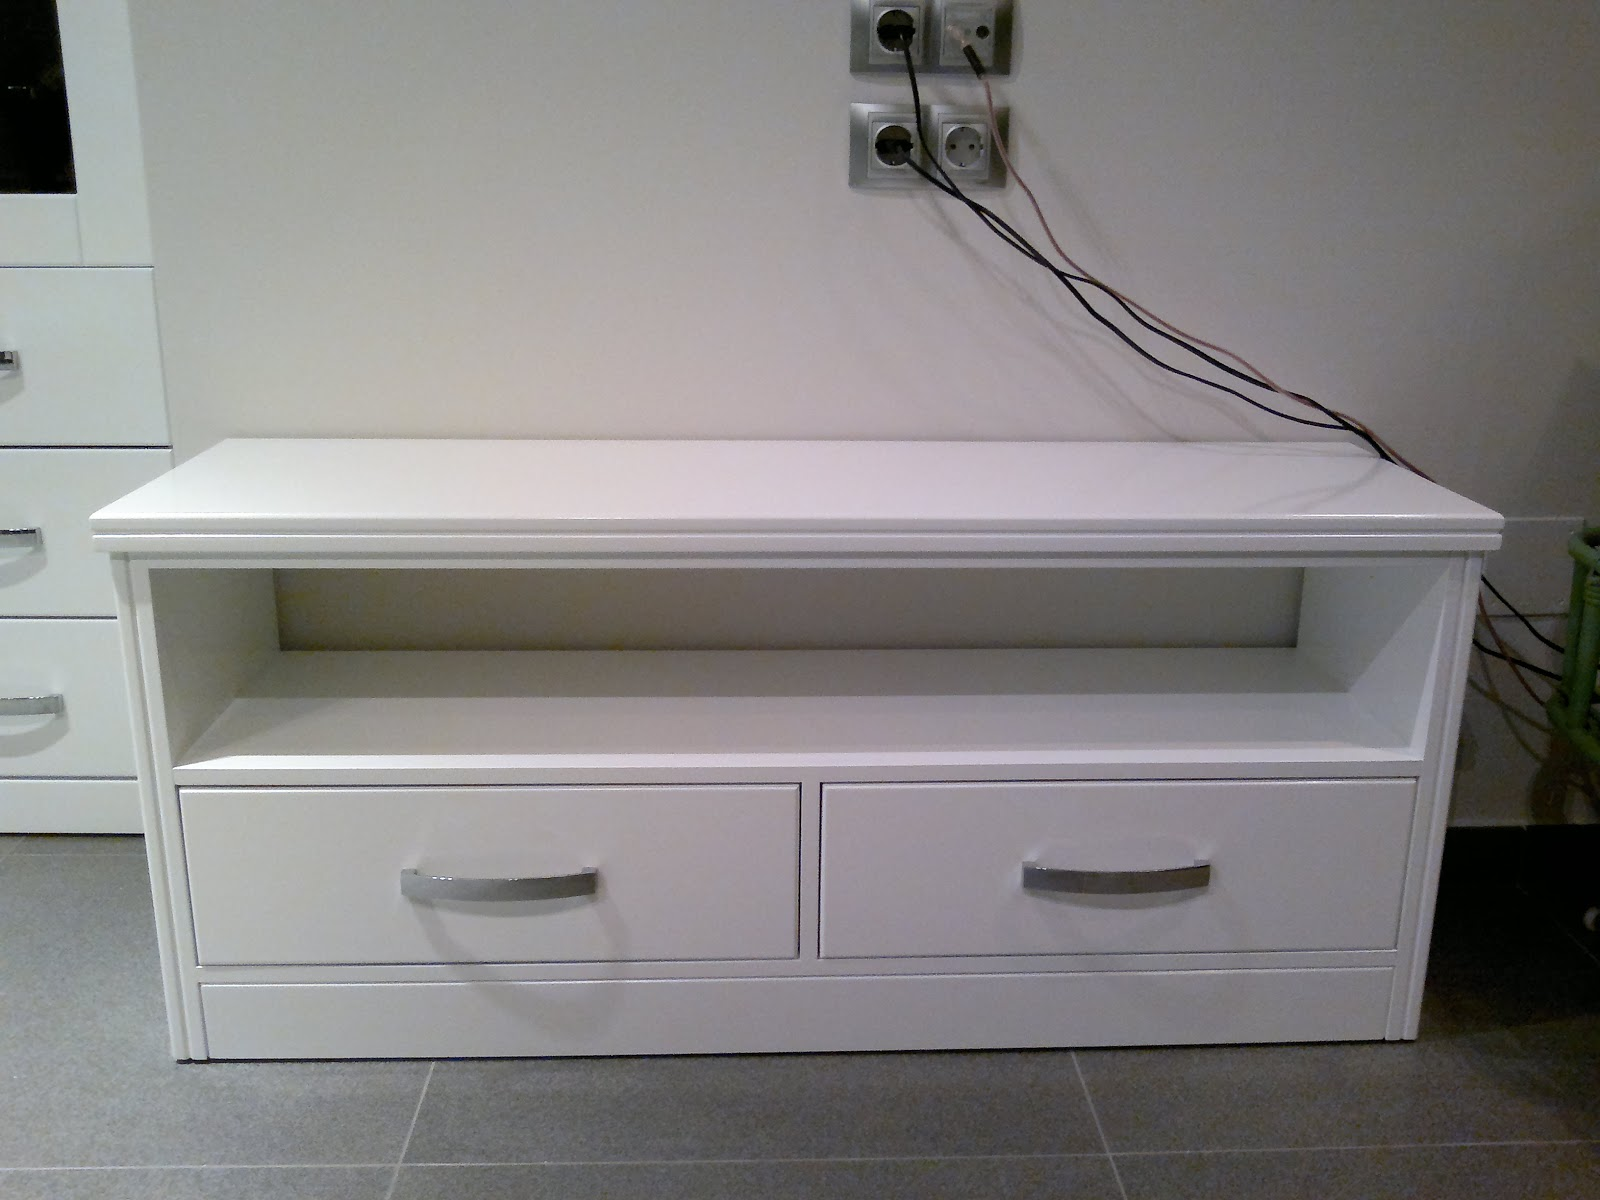 Josecremadescarpinteria muebles lacados en blanco brillo - Muebles lacados en blanco brillo ...